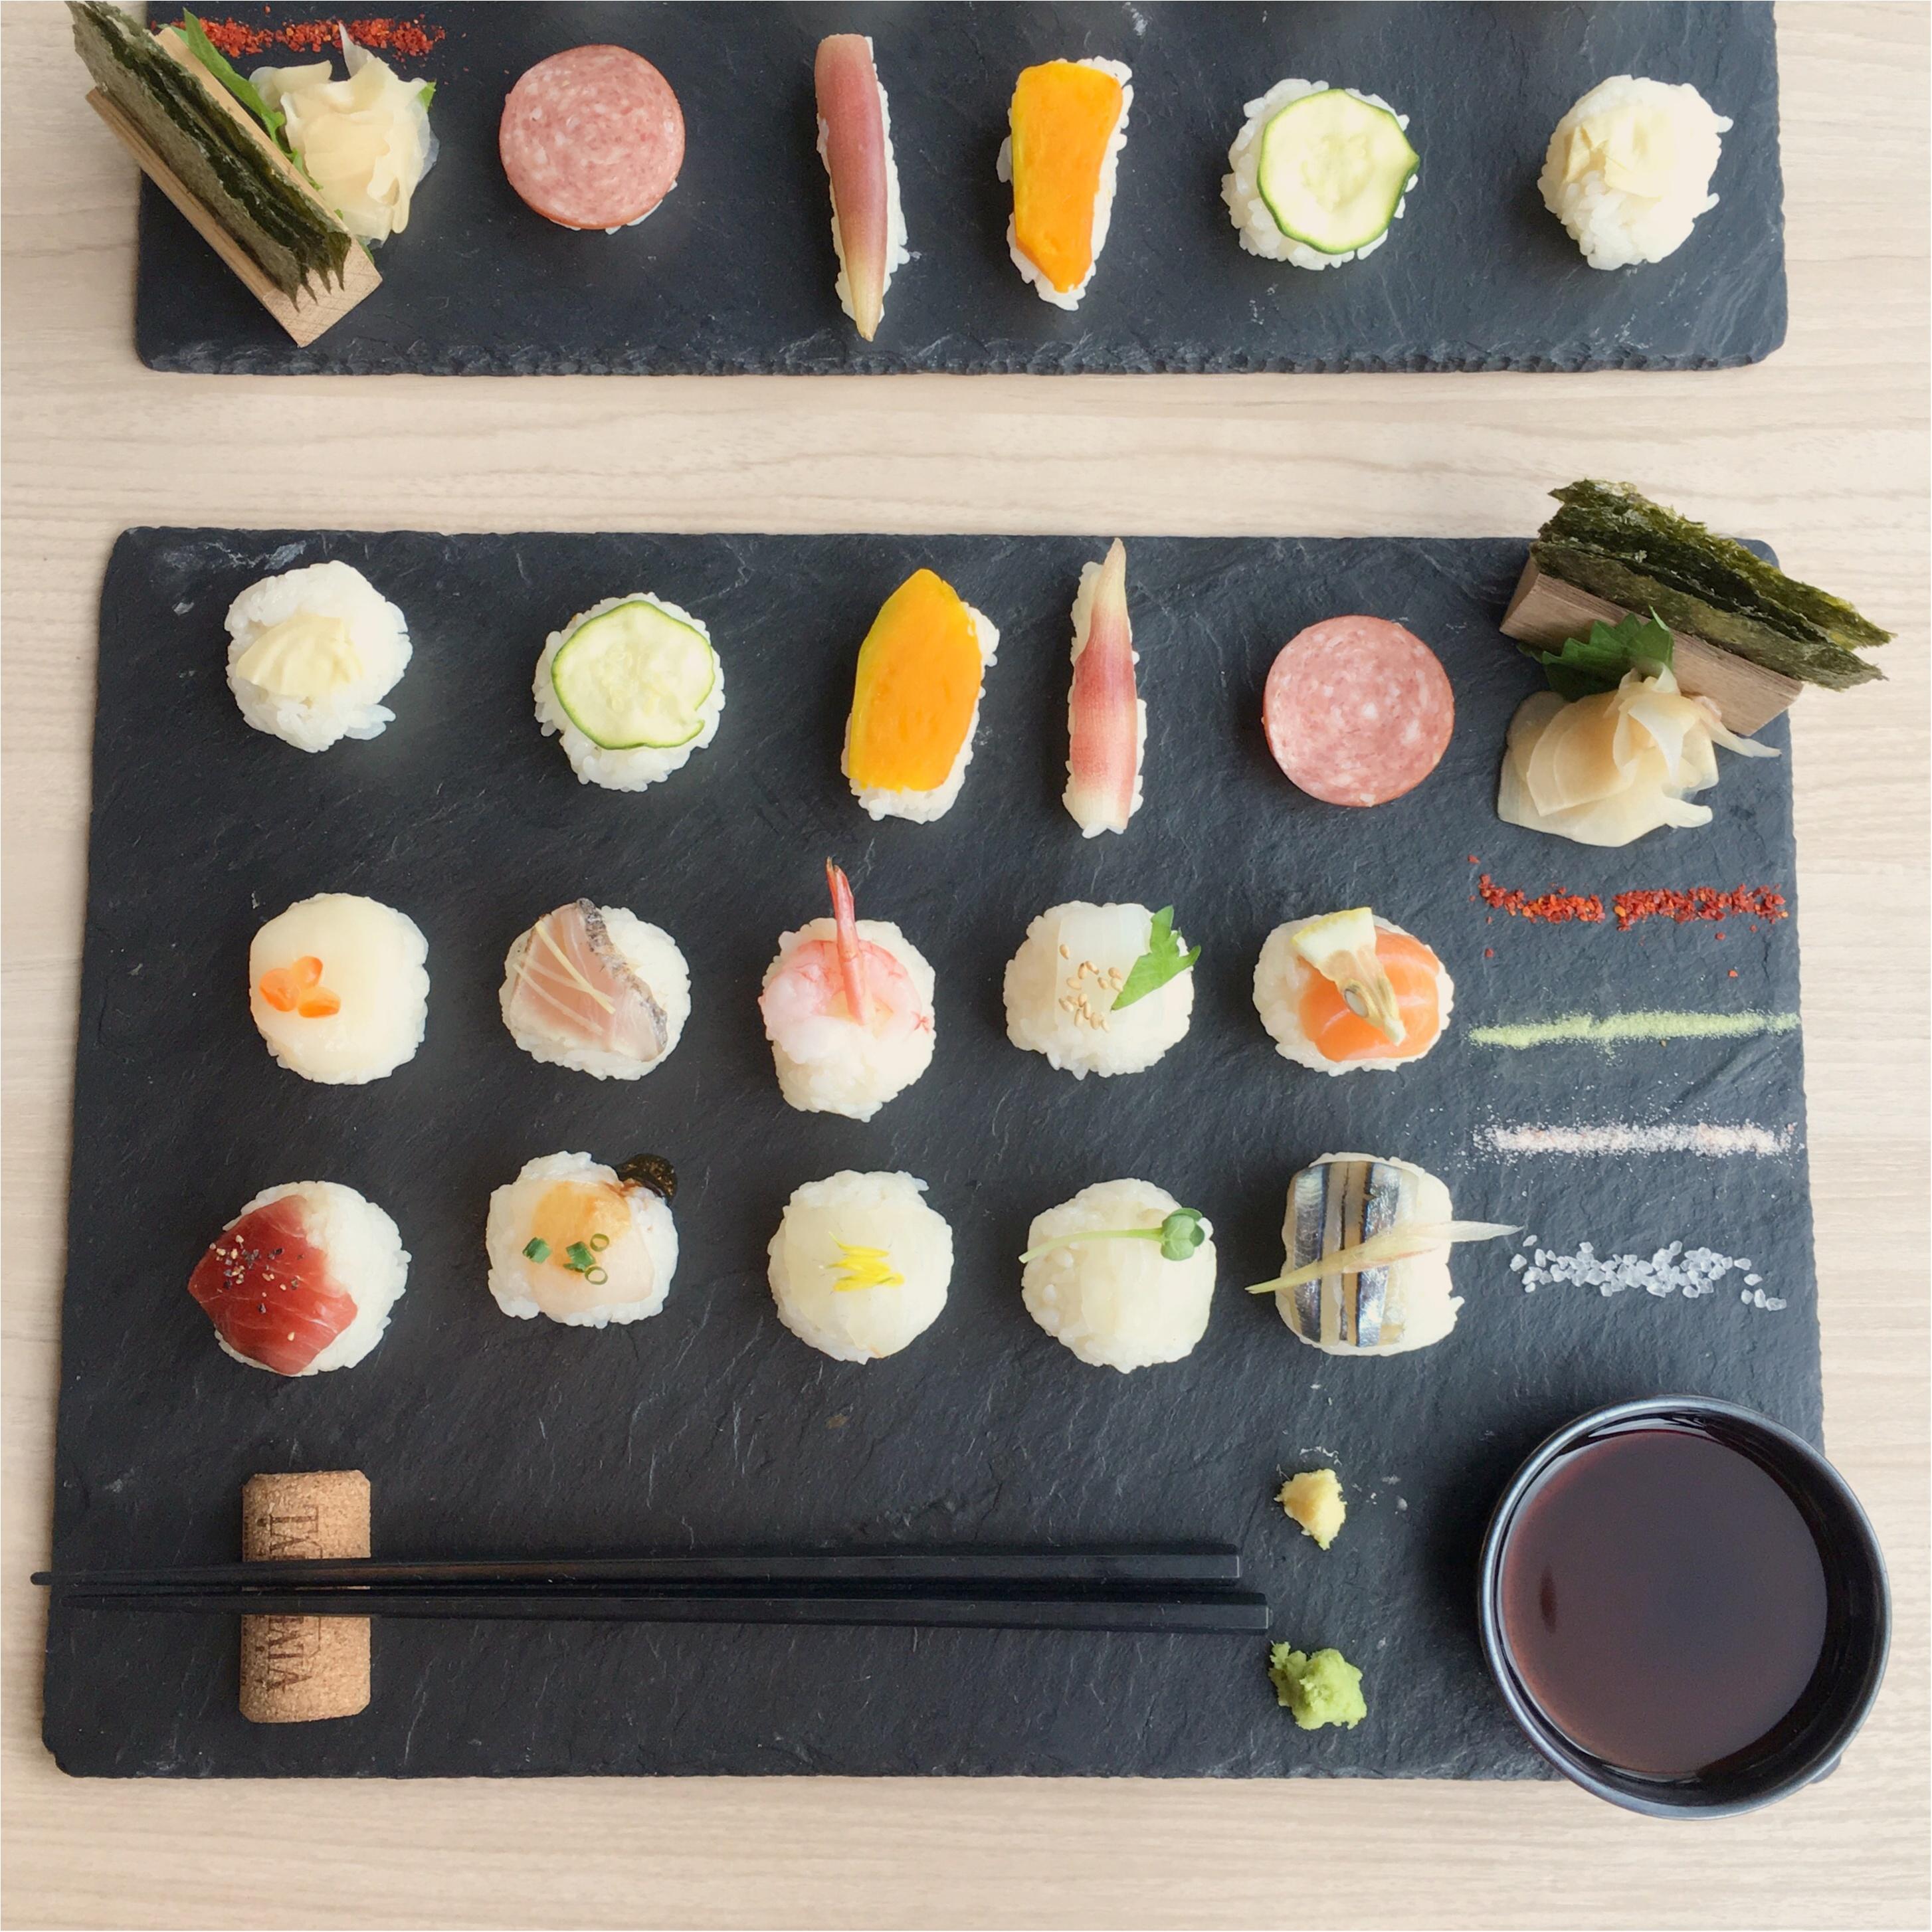 インスタ映え間違いなし!可愛すぎる♡♡フォトジェニックな手まり寿司はいかが?_7